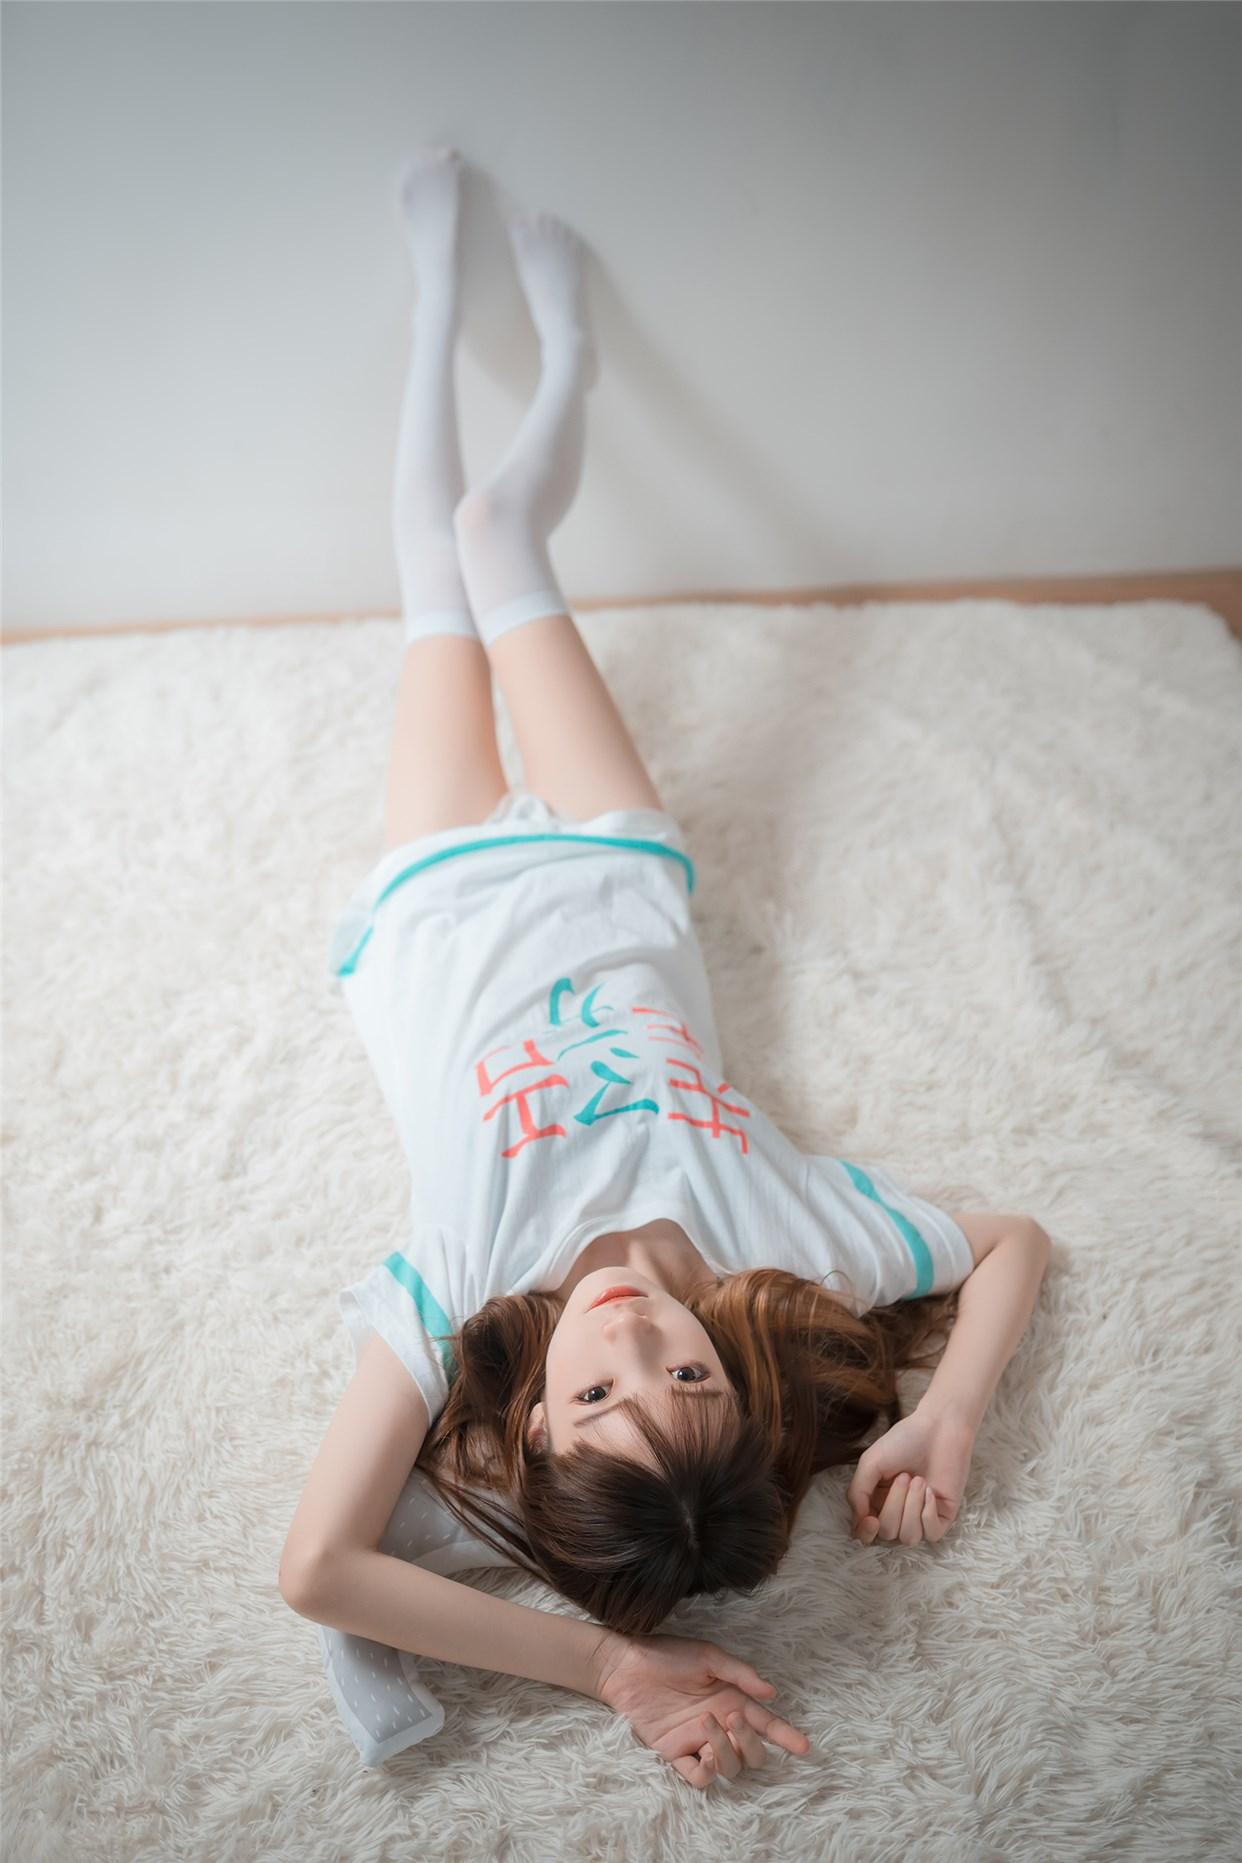 【兔玩映画】我女朋友不可能这么可爱! 兔玩映画 第31张